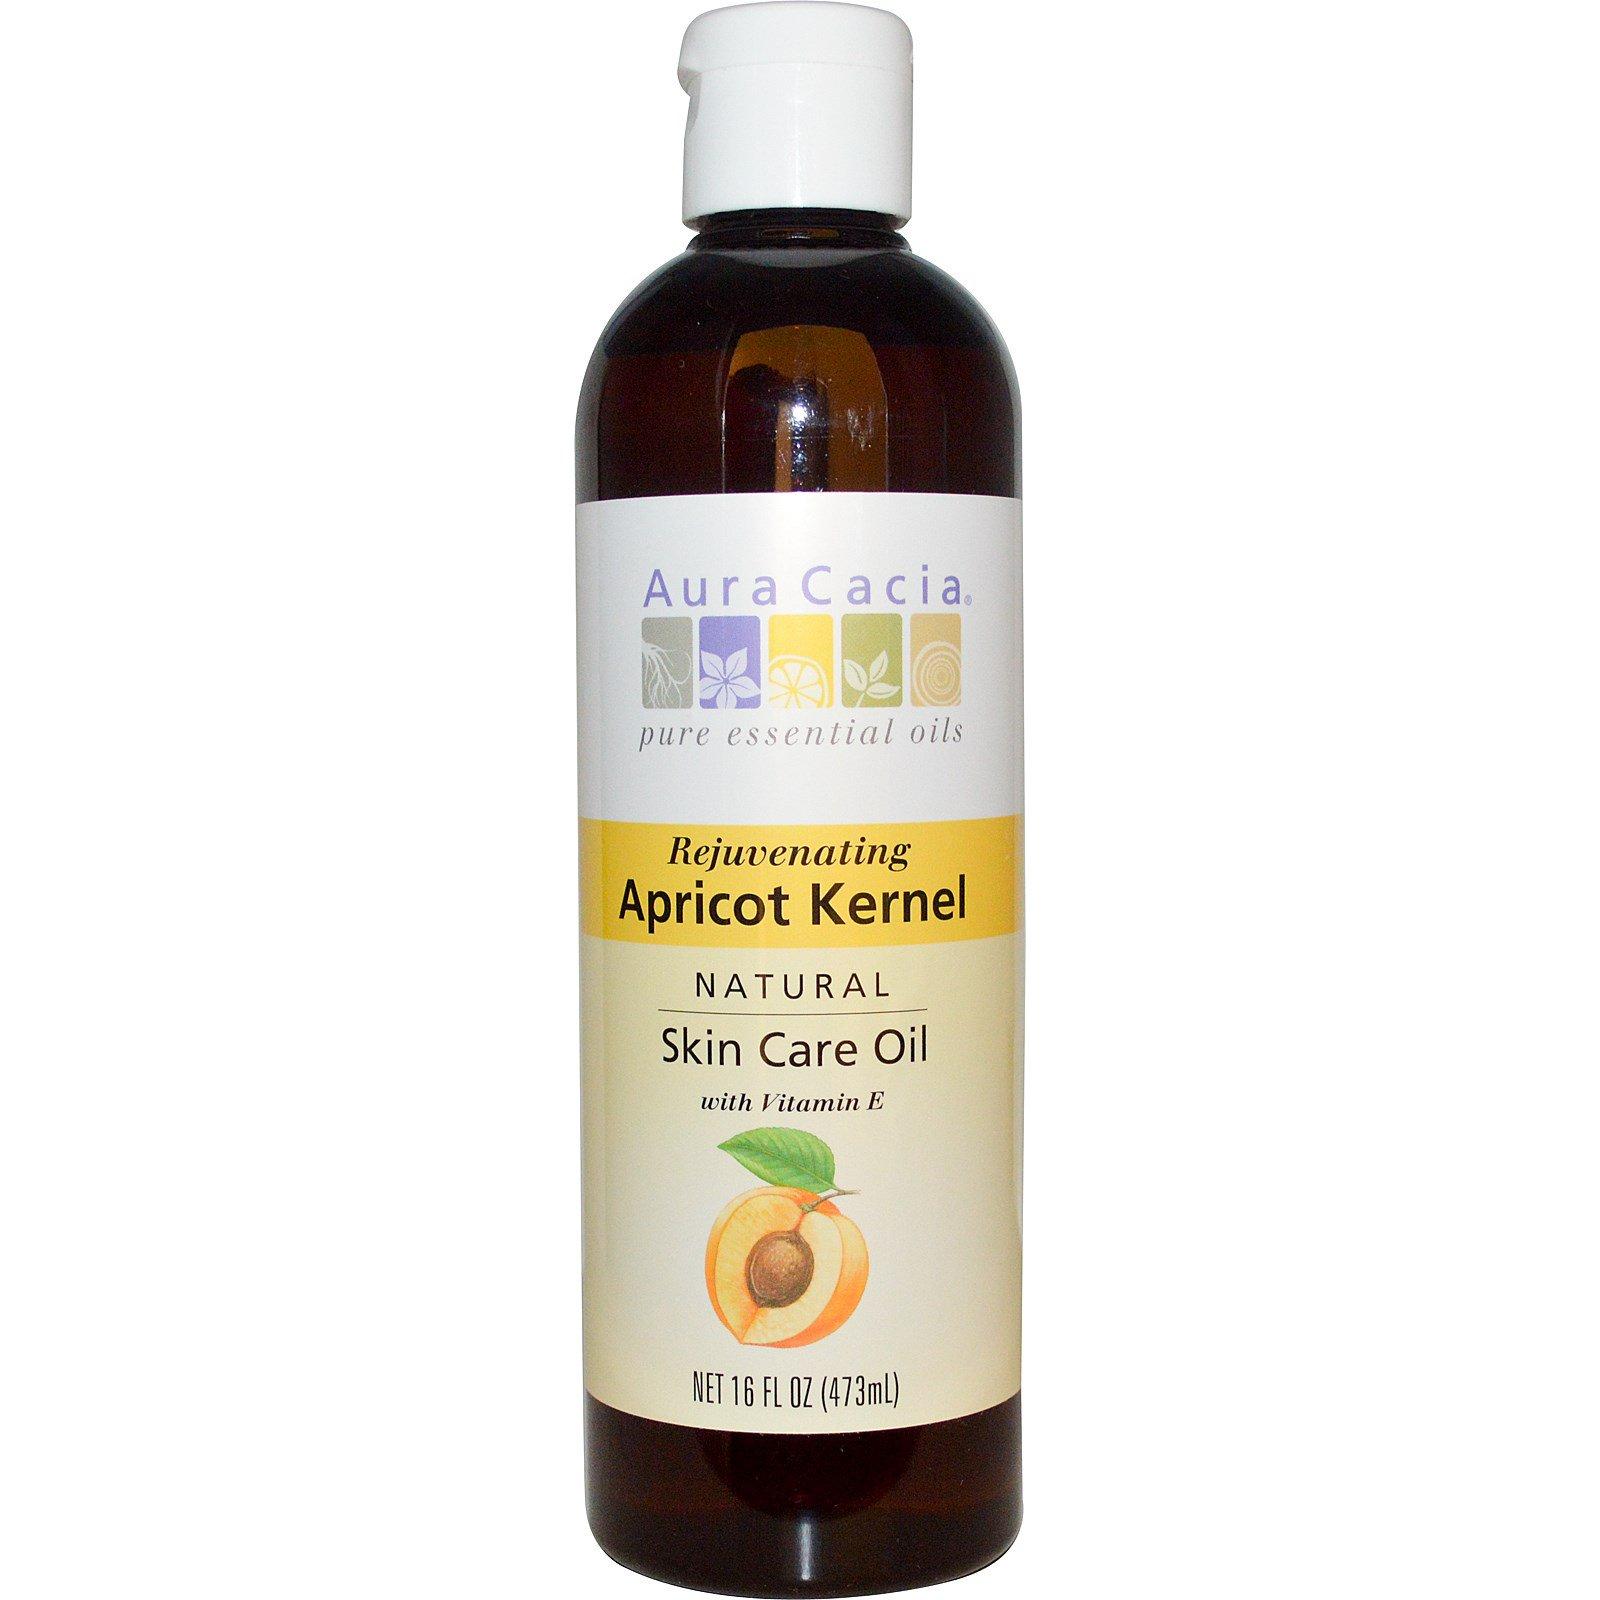 Aura Cacia, Натуральное масло для ухода за кожей из абрикосовых косточек 16 жидких унций (473 мл)